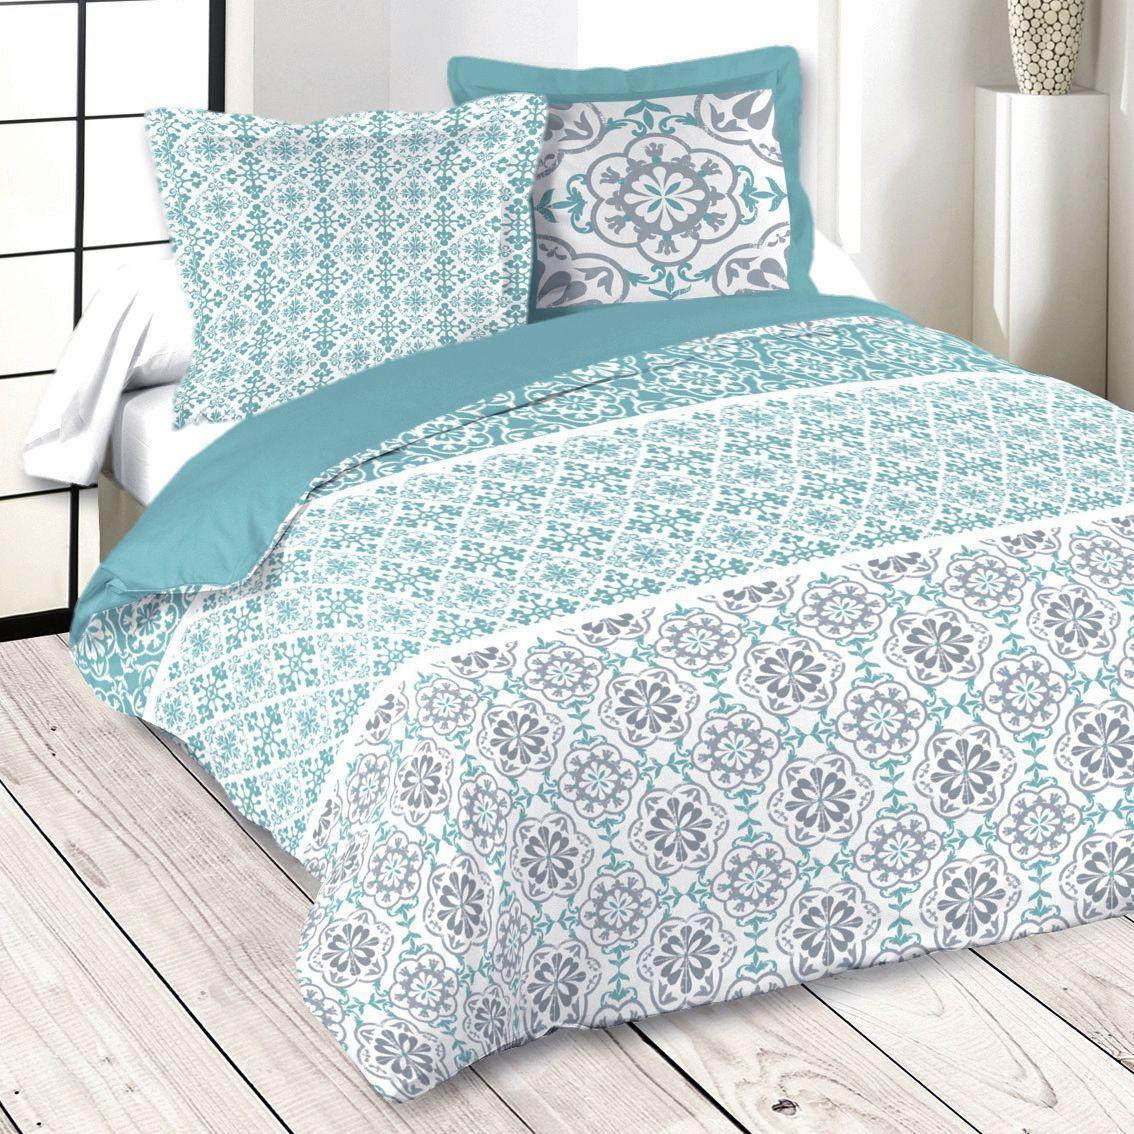 parure de draps 4 pi ces lisboa bleu parure de draps. Black Bedroom Furniture Sets. Home Design Ideas